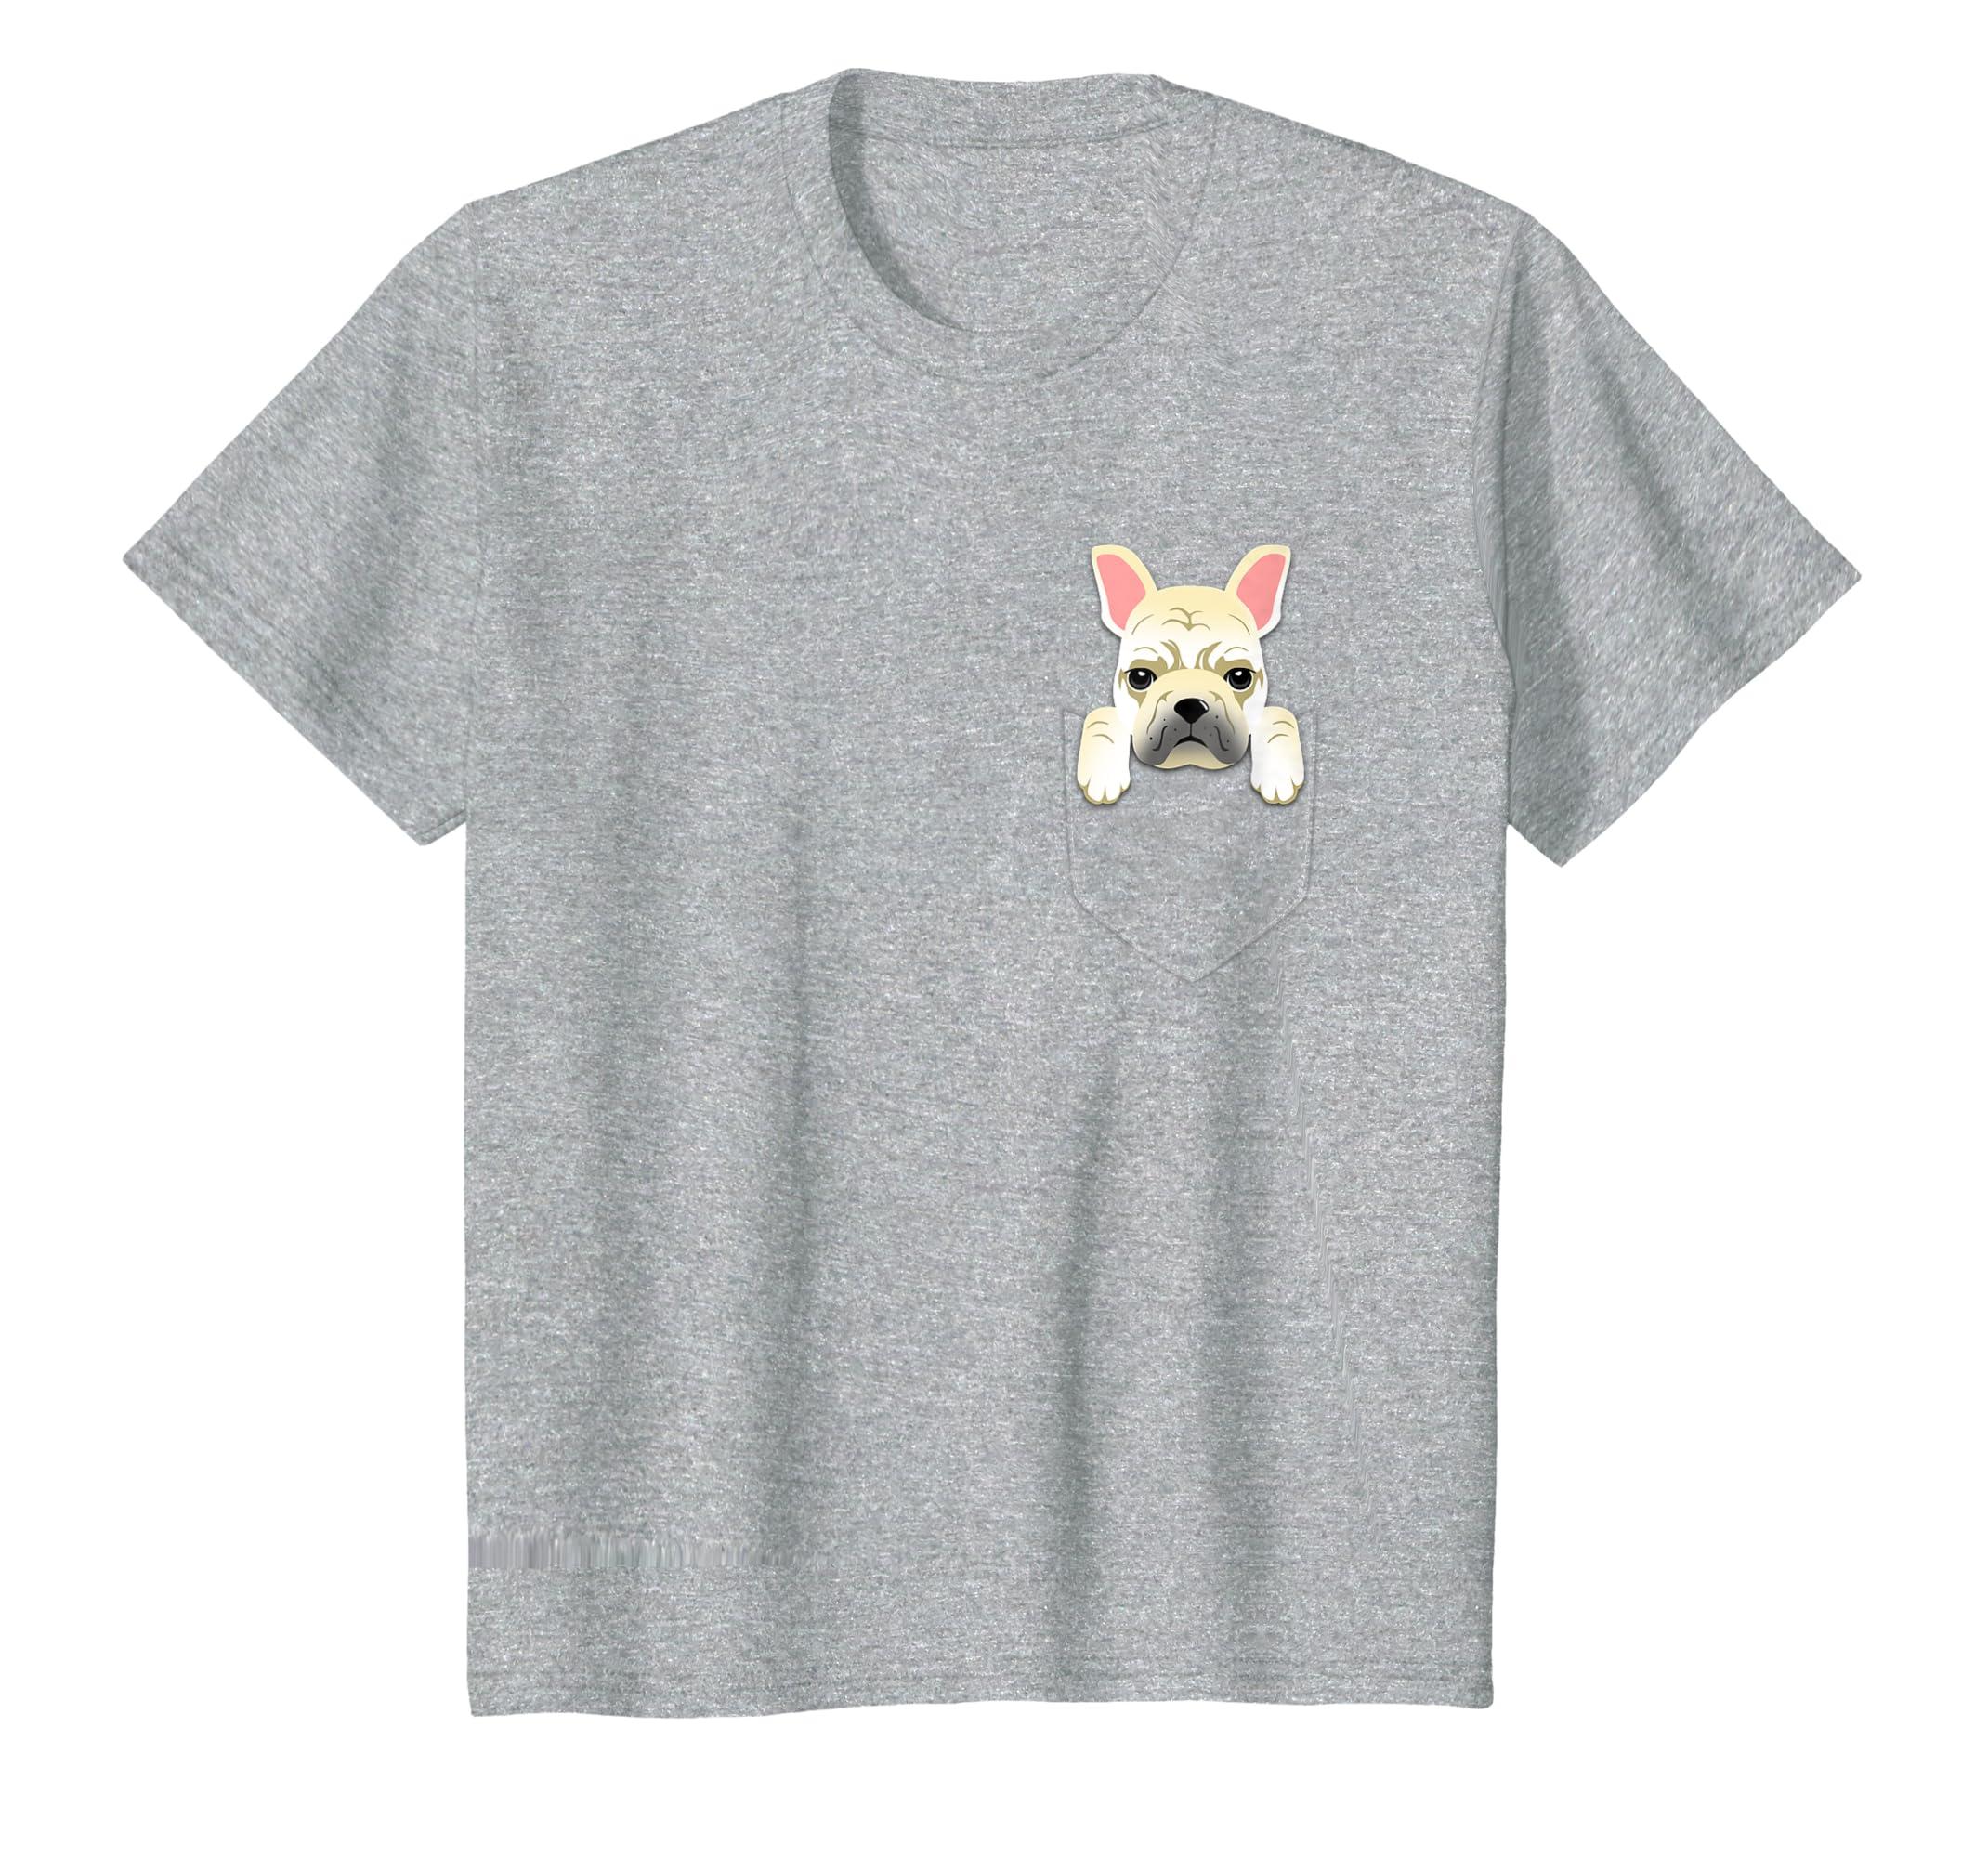 ee4989c1c Amazon.com: Cream French Bulldog Pocket Graphic T-Shirt Frenchie Dog Tee:  Clothing